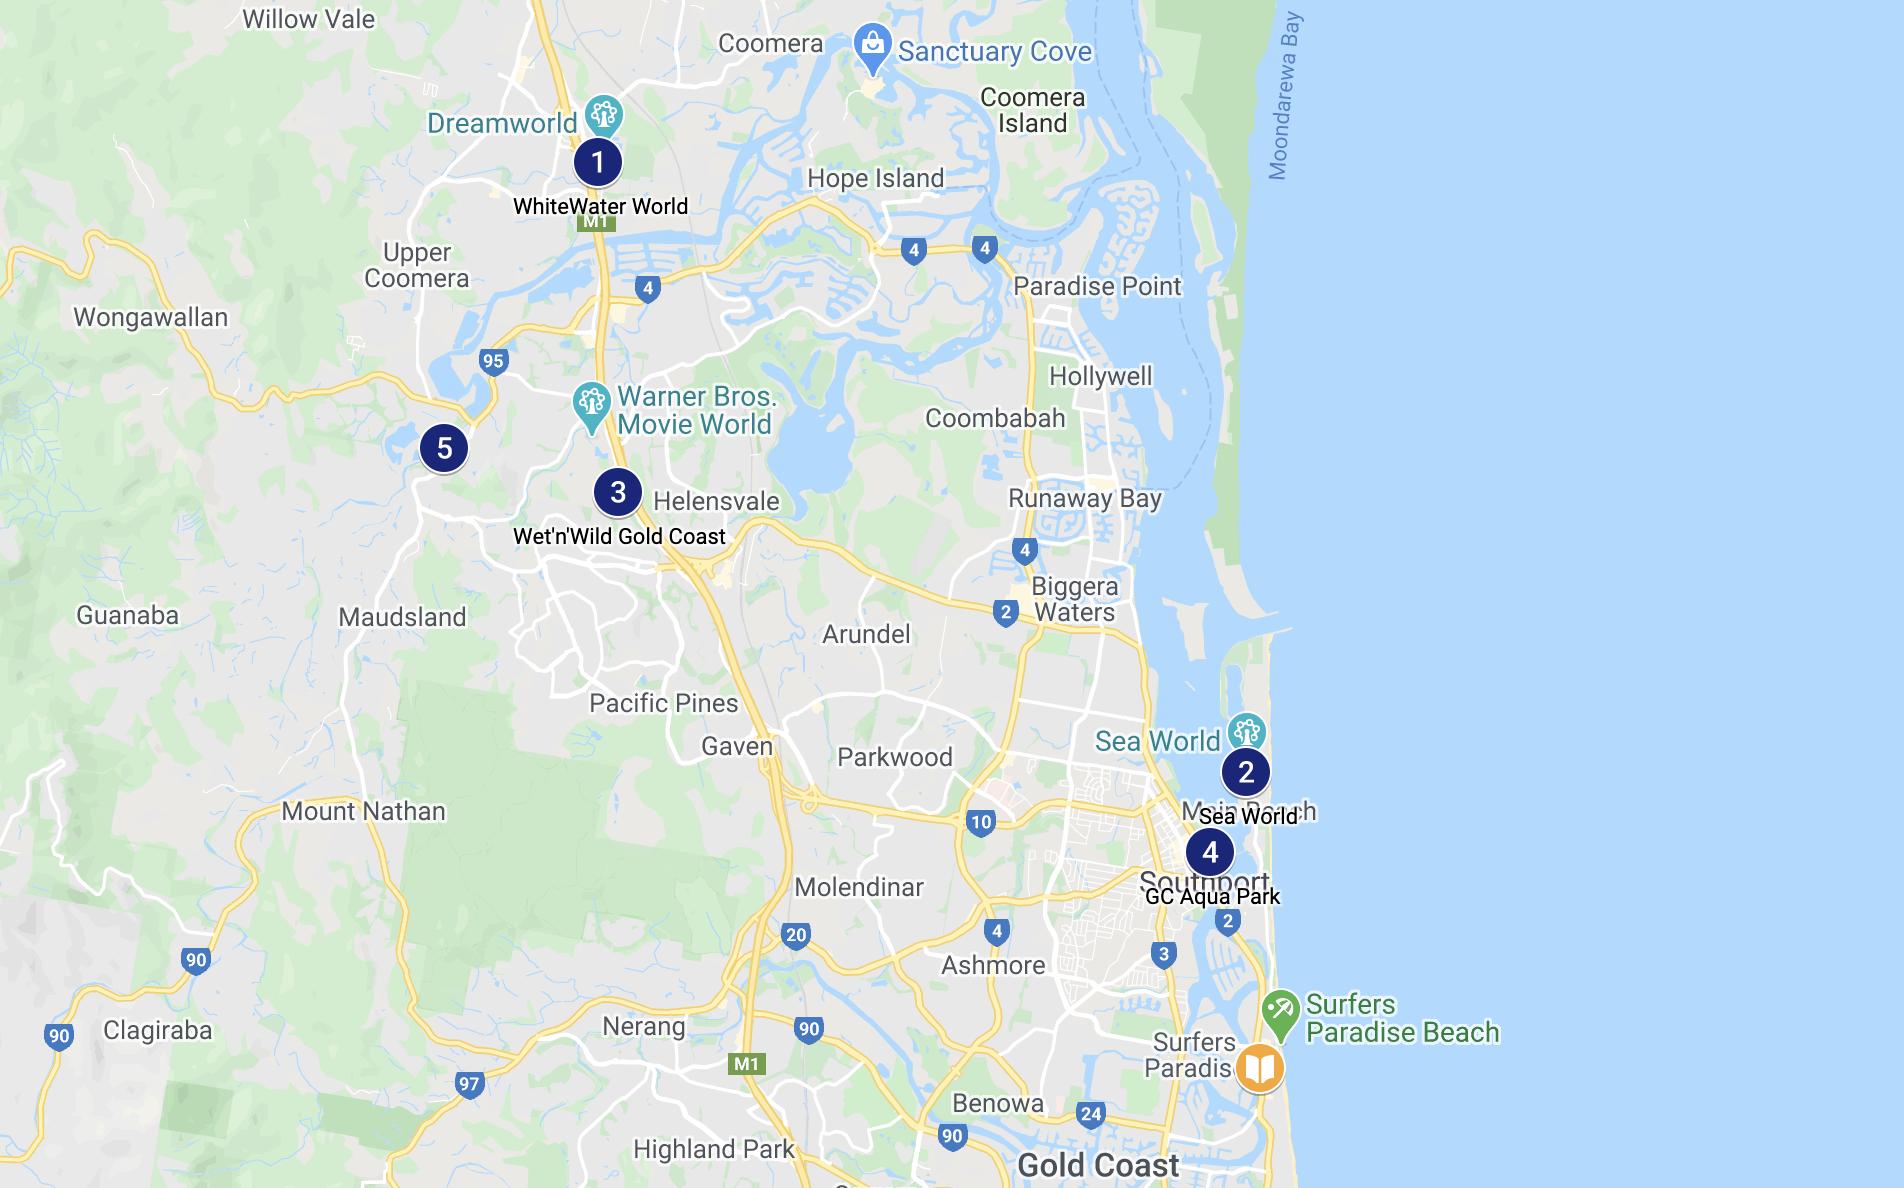 Mapa dos Parques Aquáticos de Gold Coast, Austrália